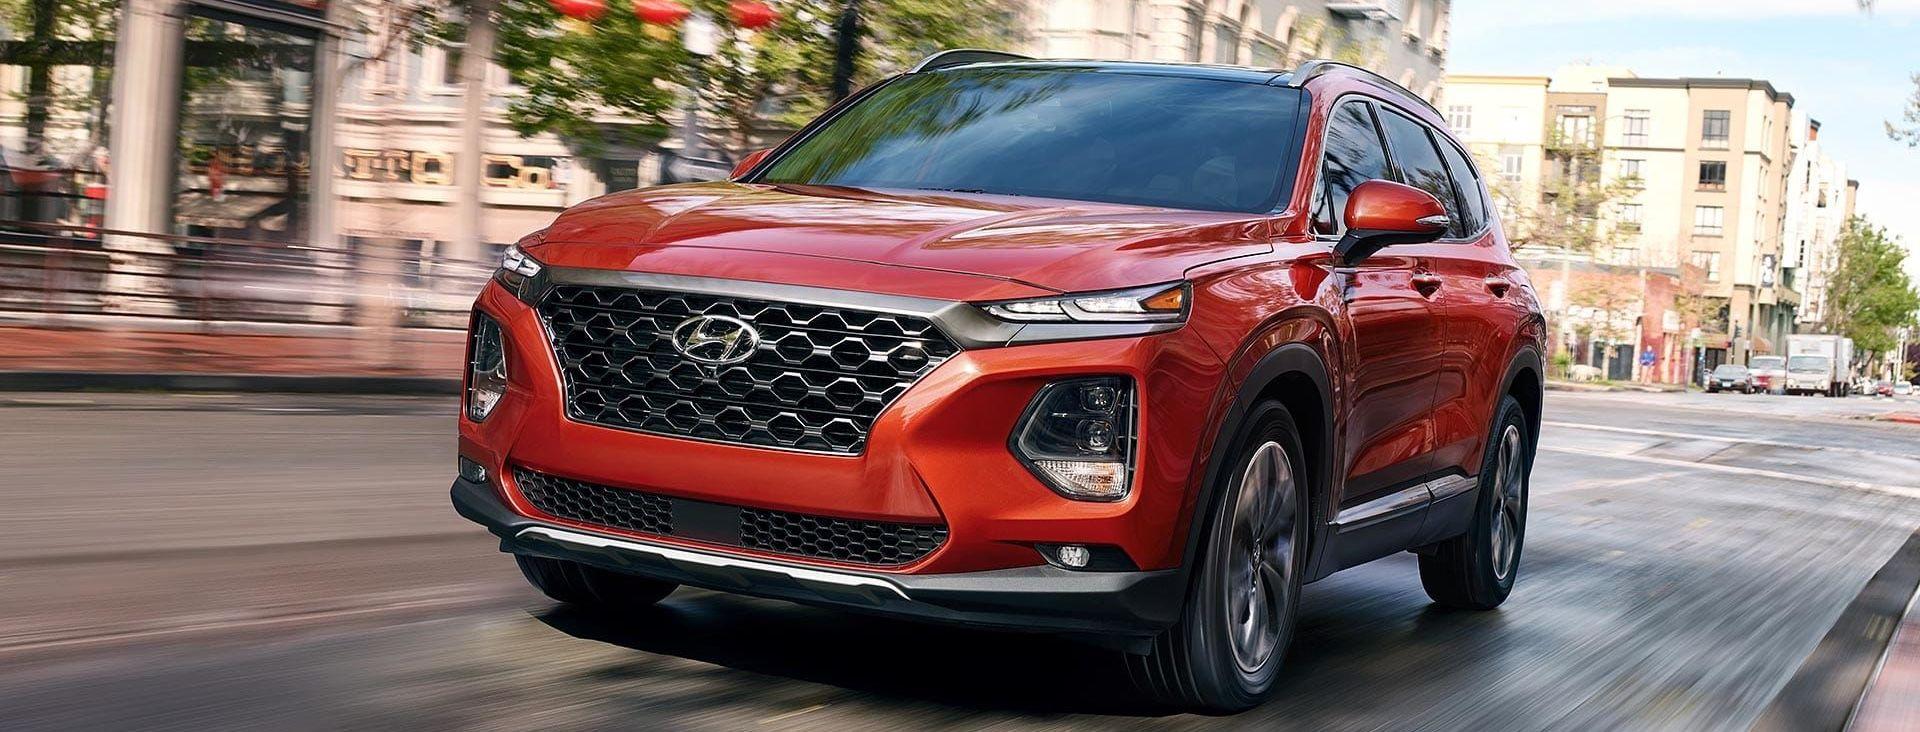 2019 Hyundai Santa Fe Leasing near Washington, DC